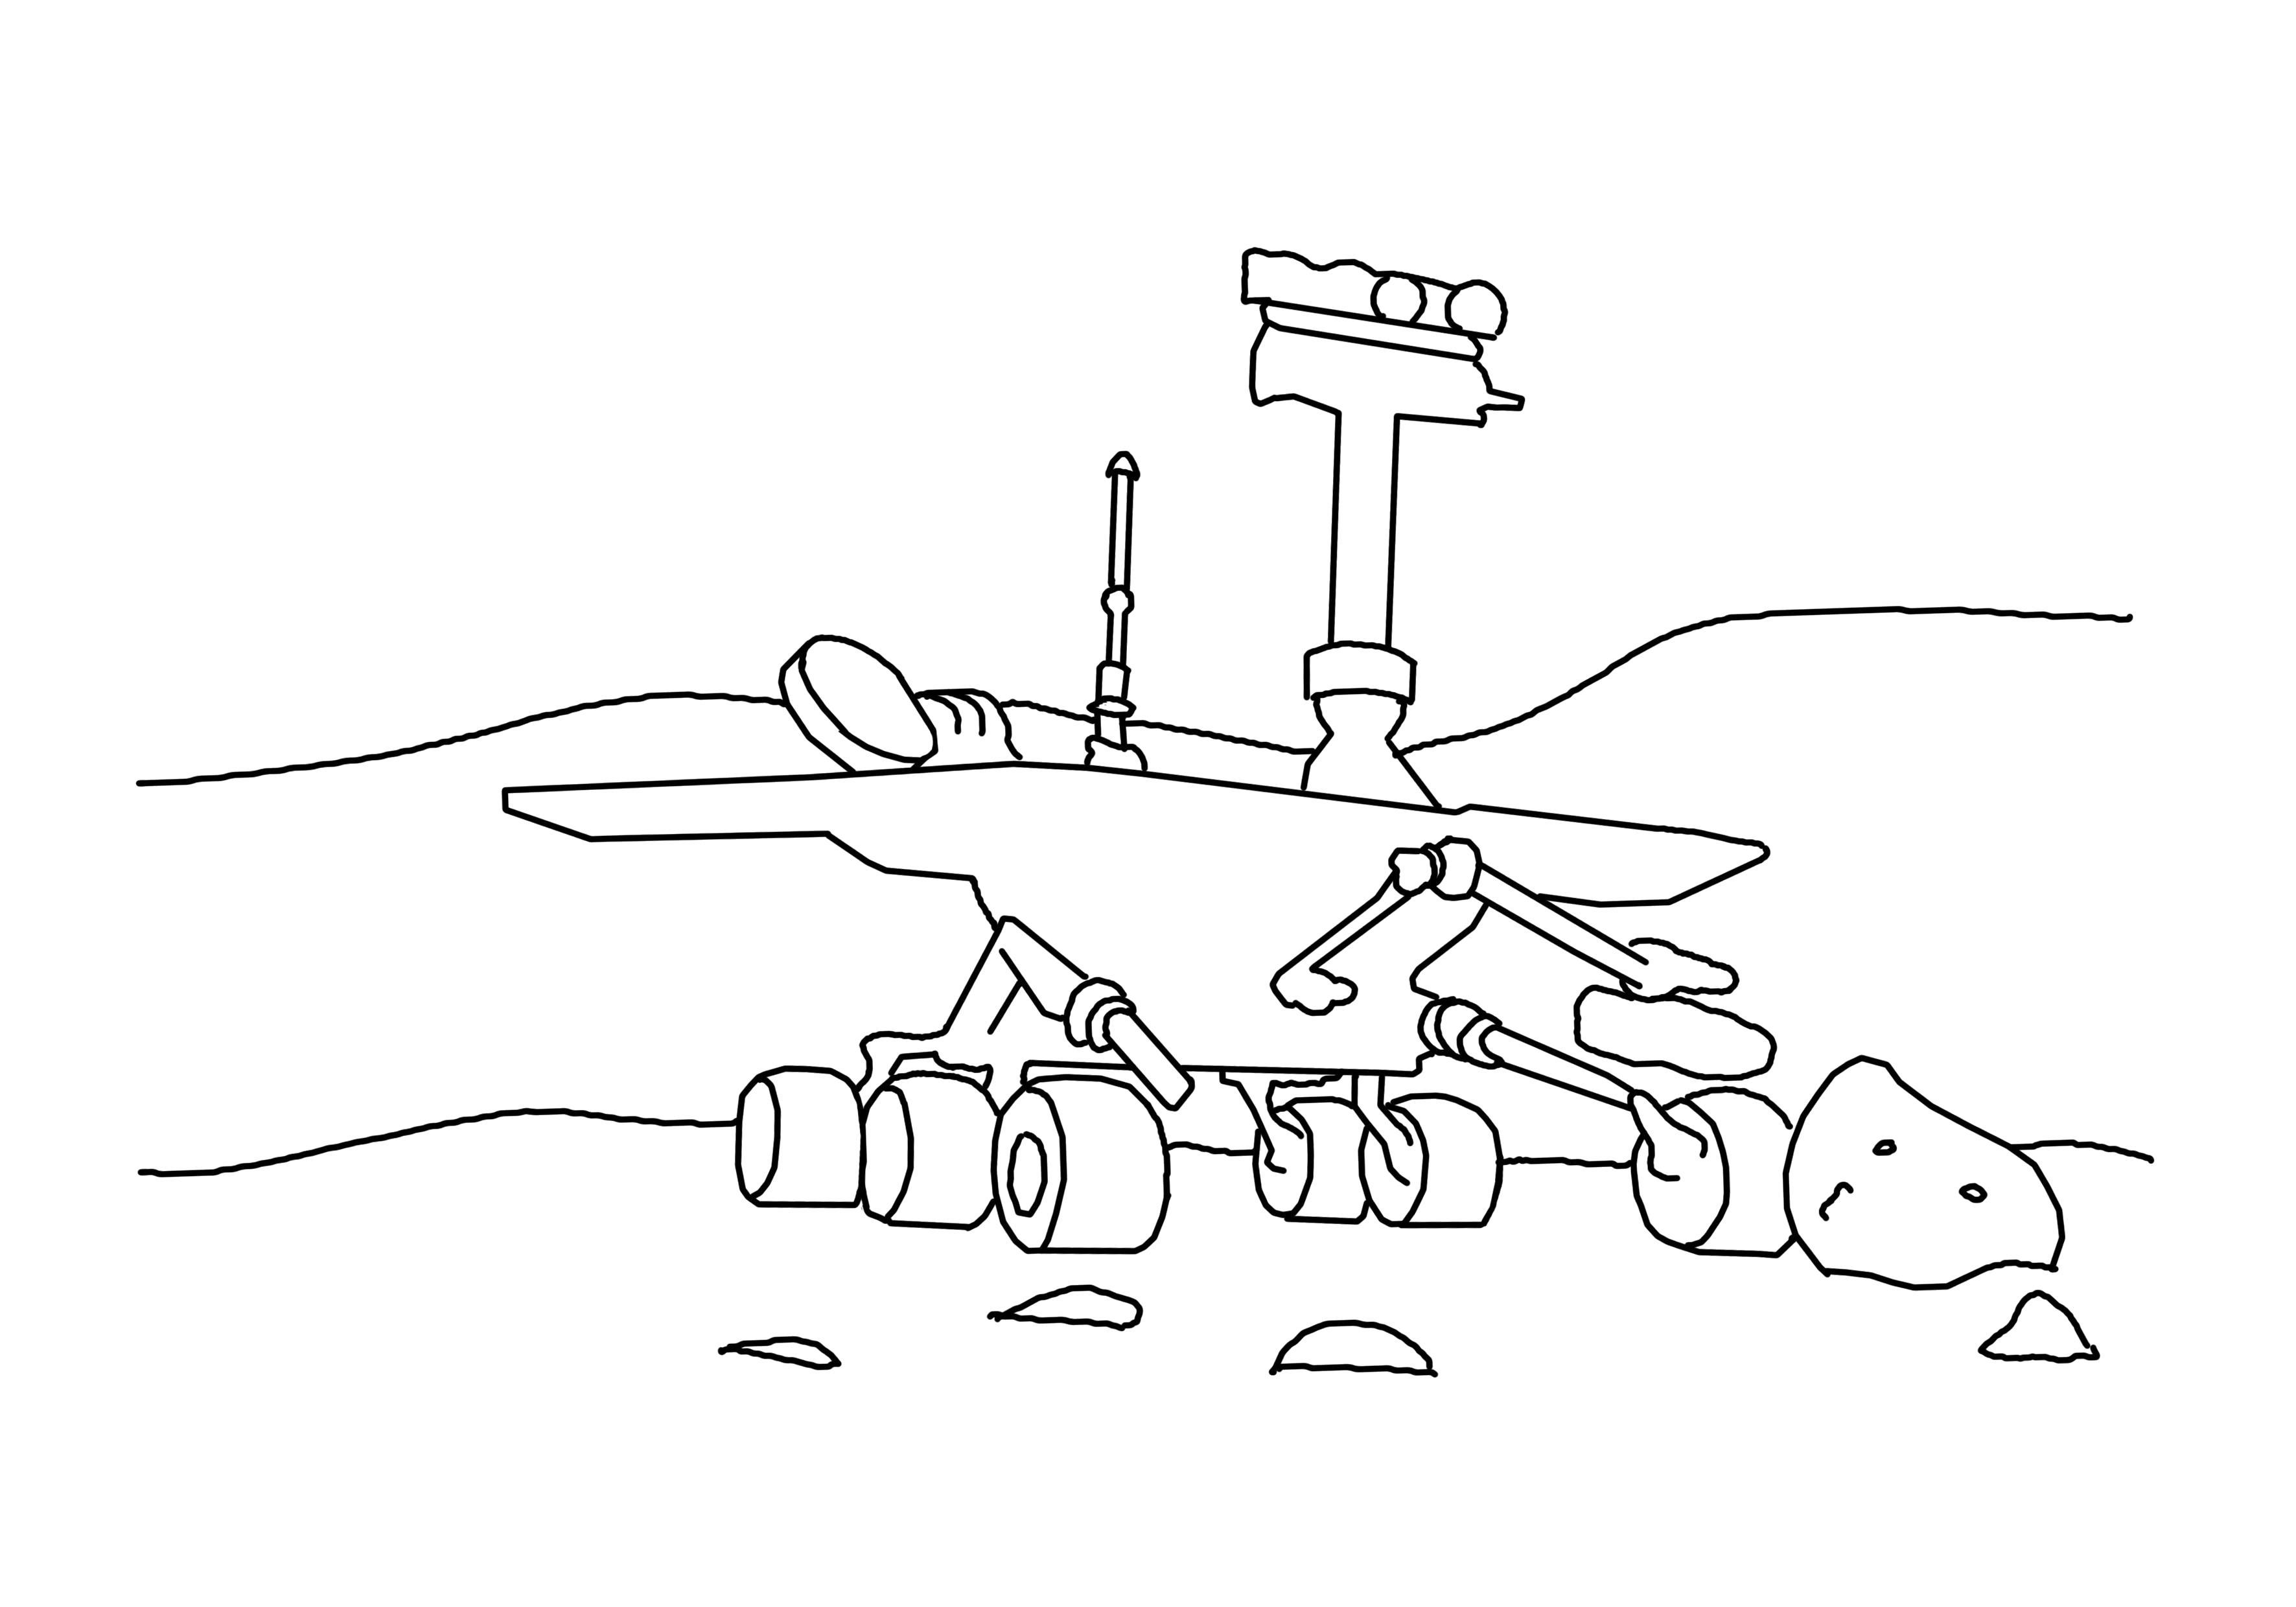 Раскраска Марсоход. Скачать день космонавтики.  Распечатать день космонавтики